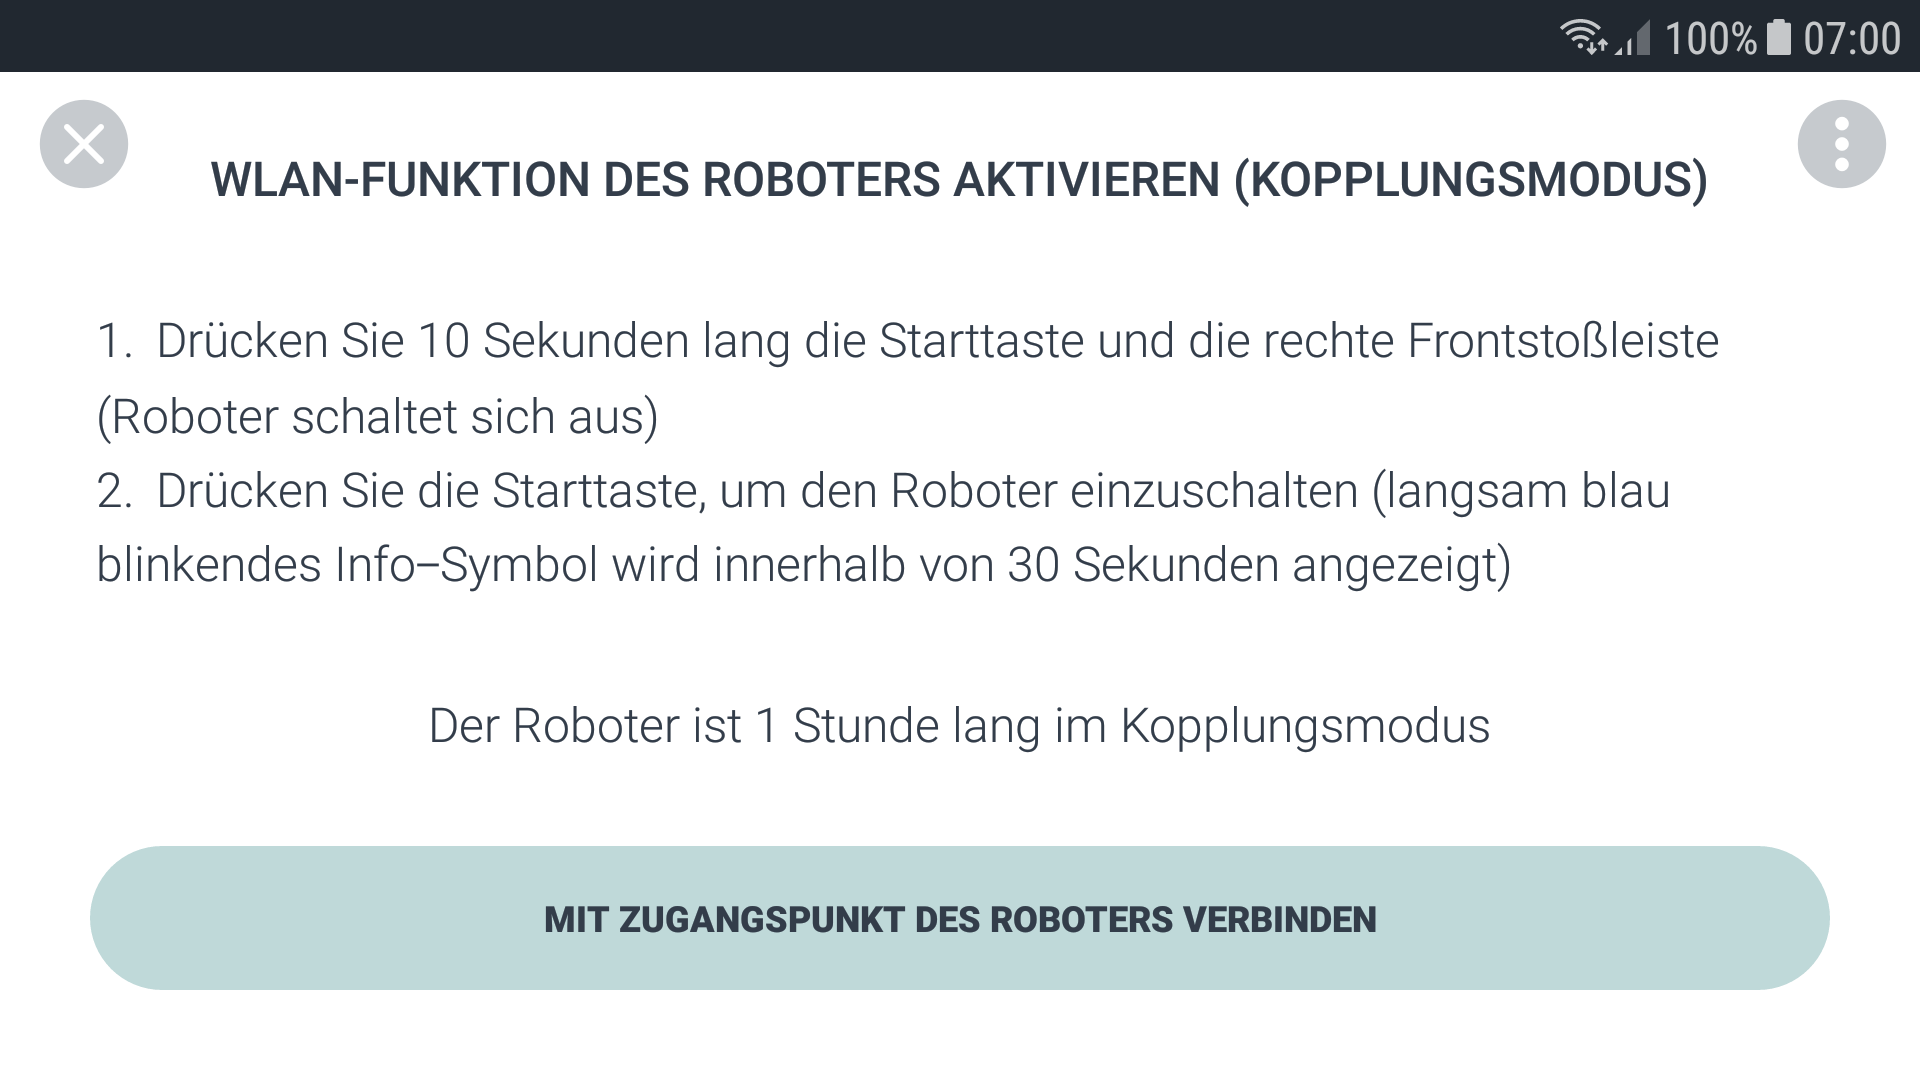 Großartig 3m Drahtmutter Spinner Bilder - Elektrische Schaltplan ...